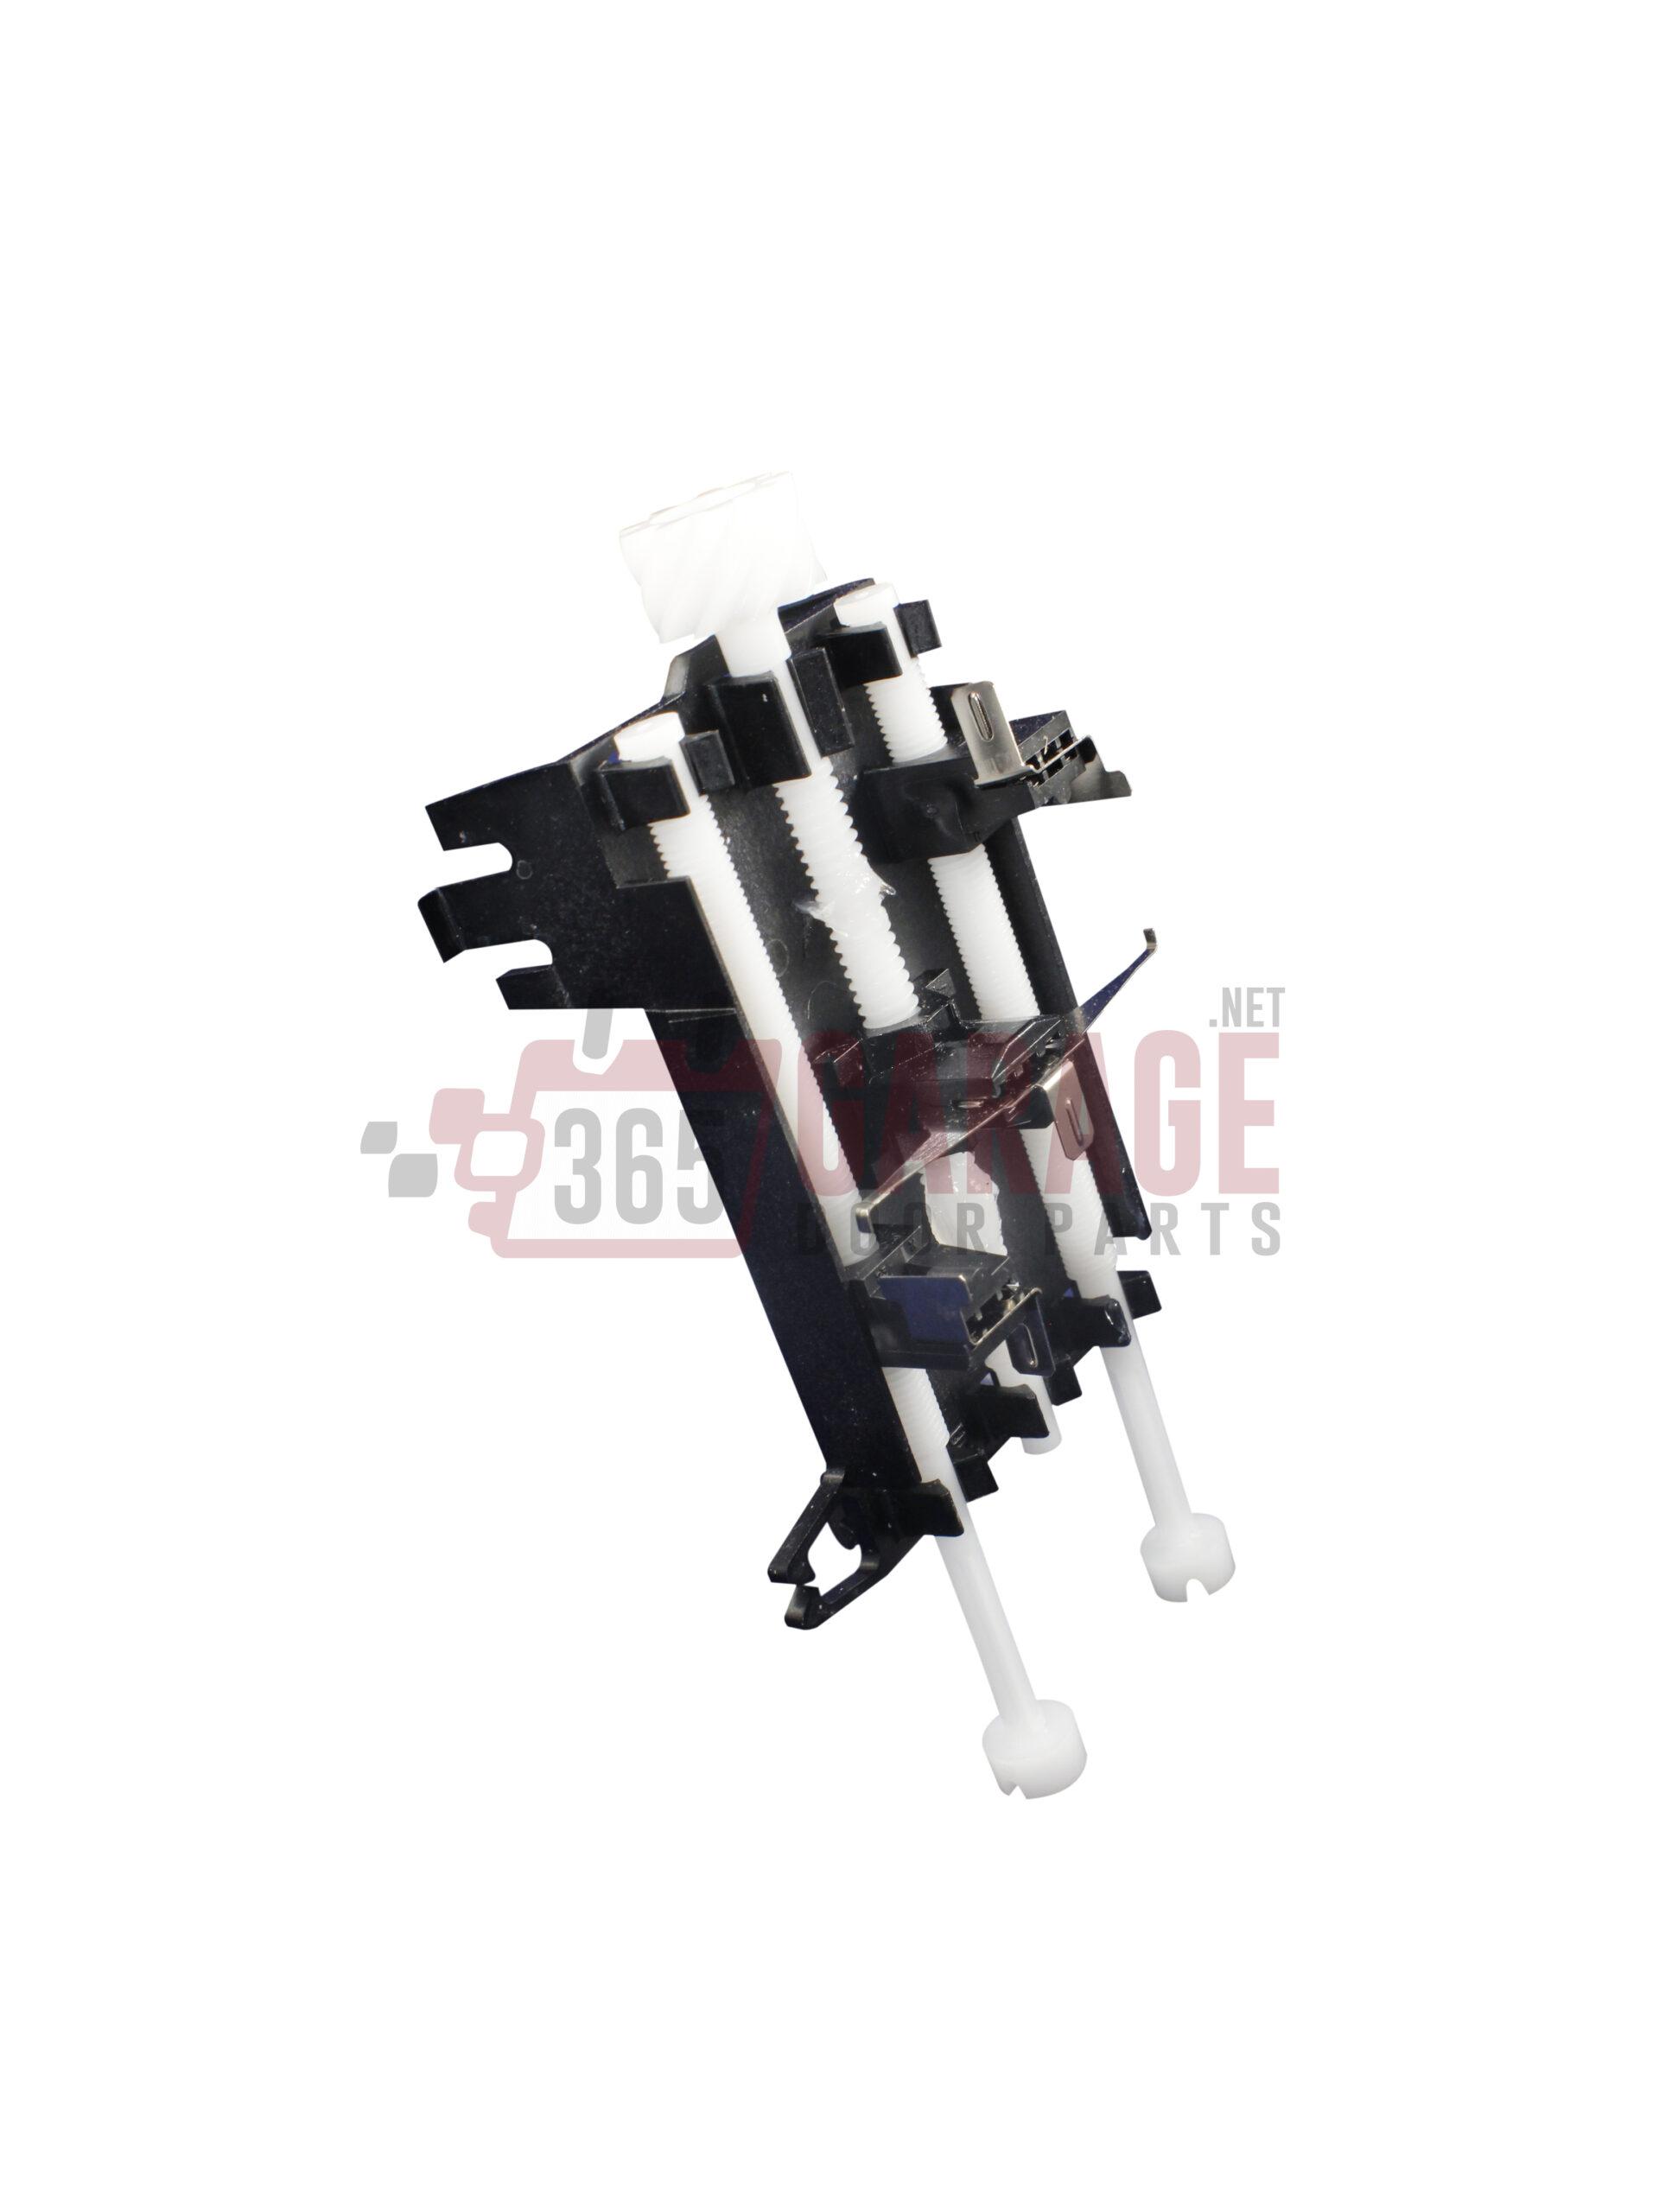 Liftmaster Garage Door Openers 41d3452 Limit Switch Assembly 365 Garage Door Parts Professional